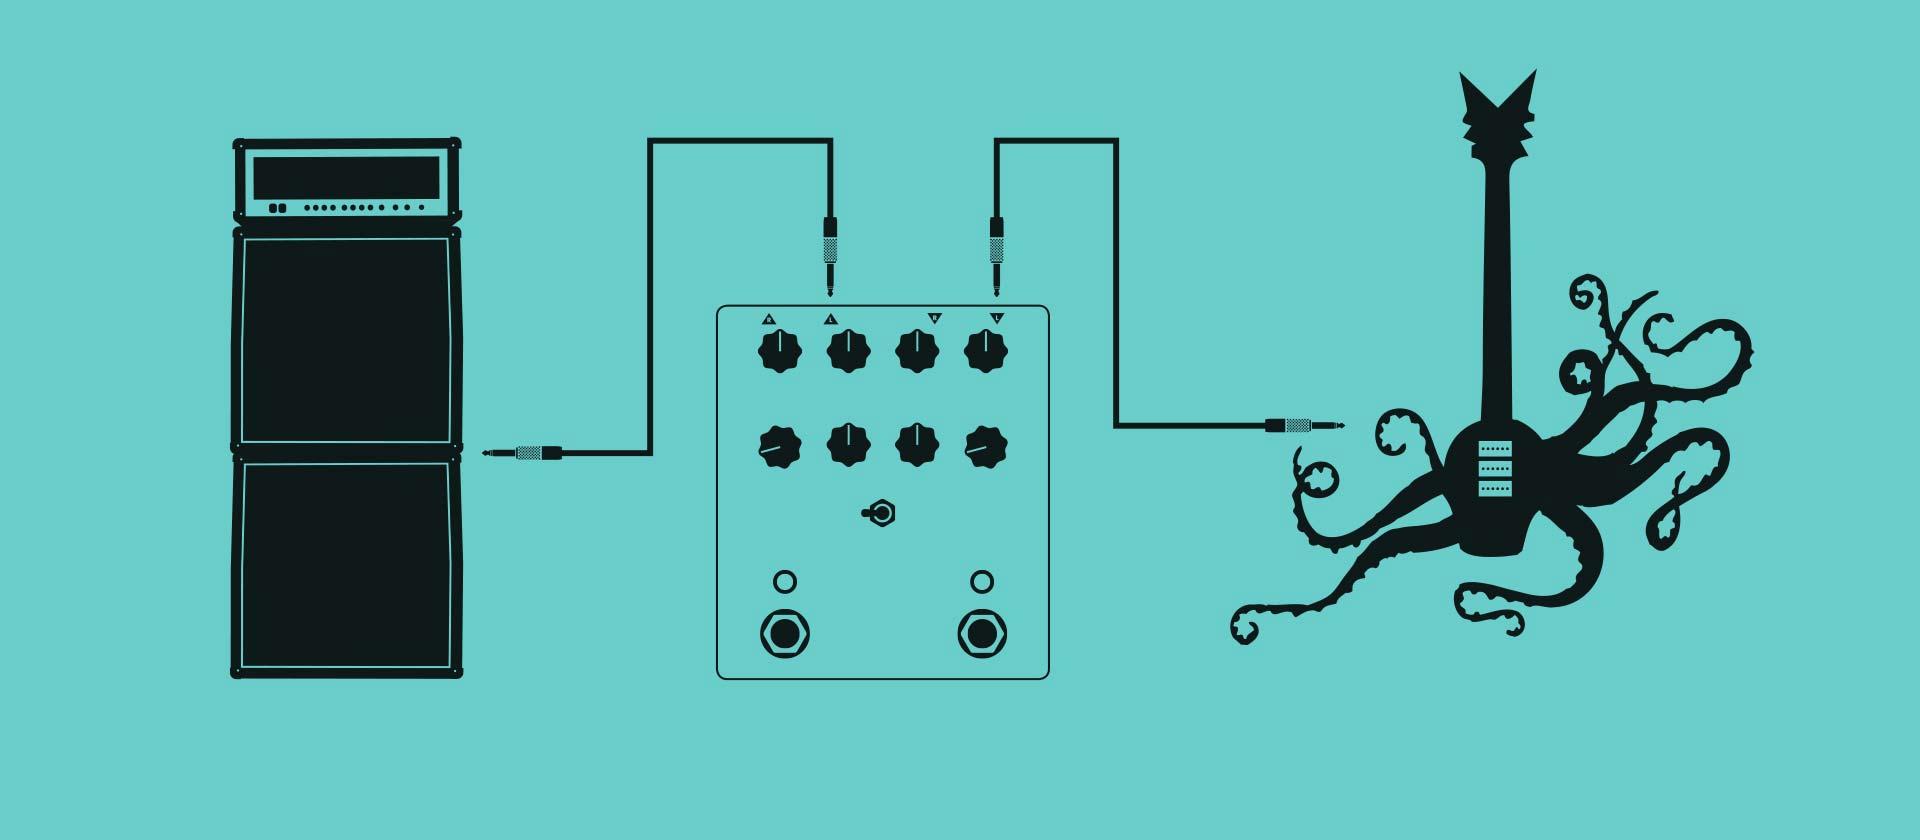 モノで使用の場合  ご使用の楽器をLeftインプットに入力して、アウトプットはLeft/Rightのどちらも使用できます。